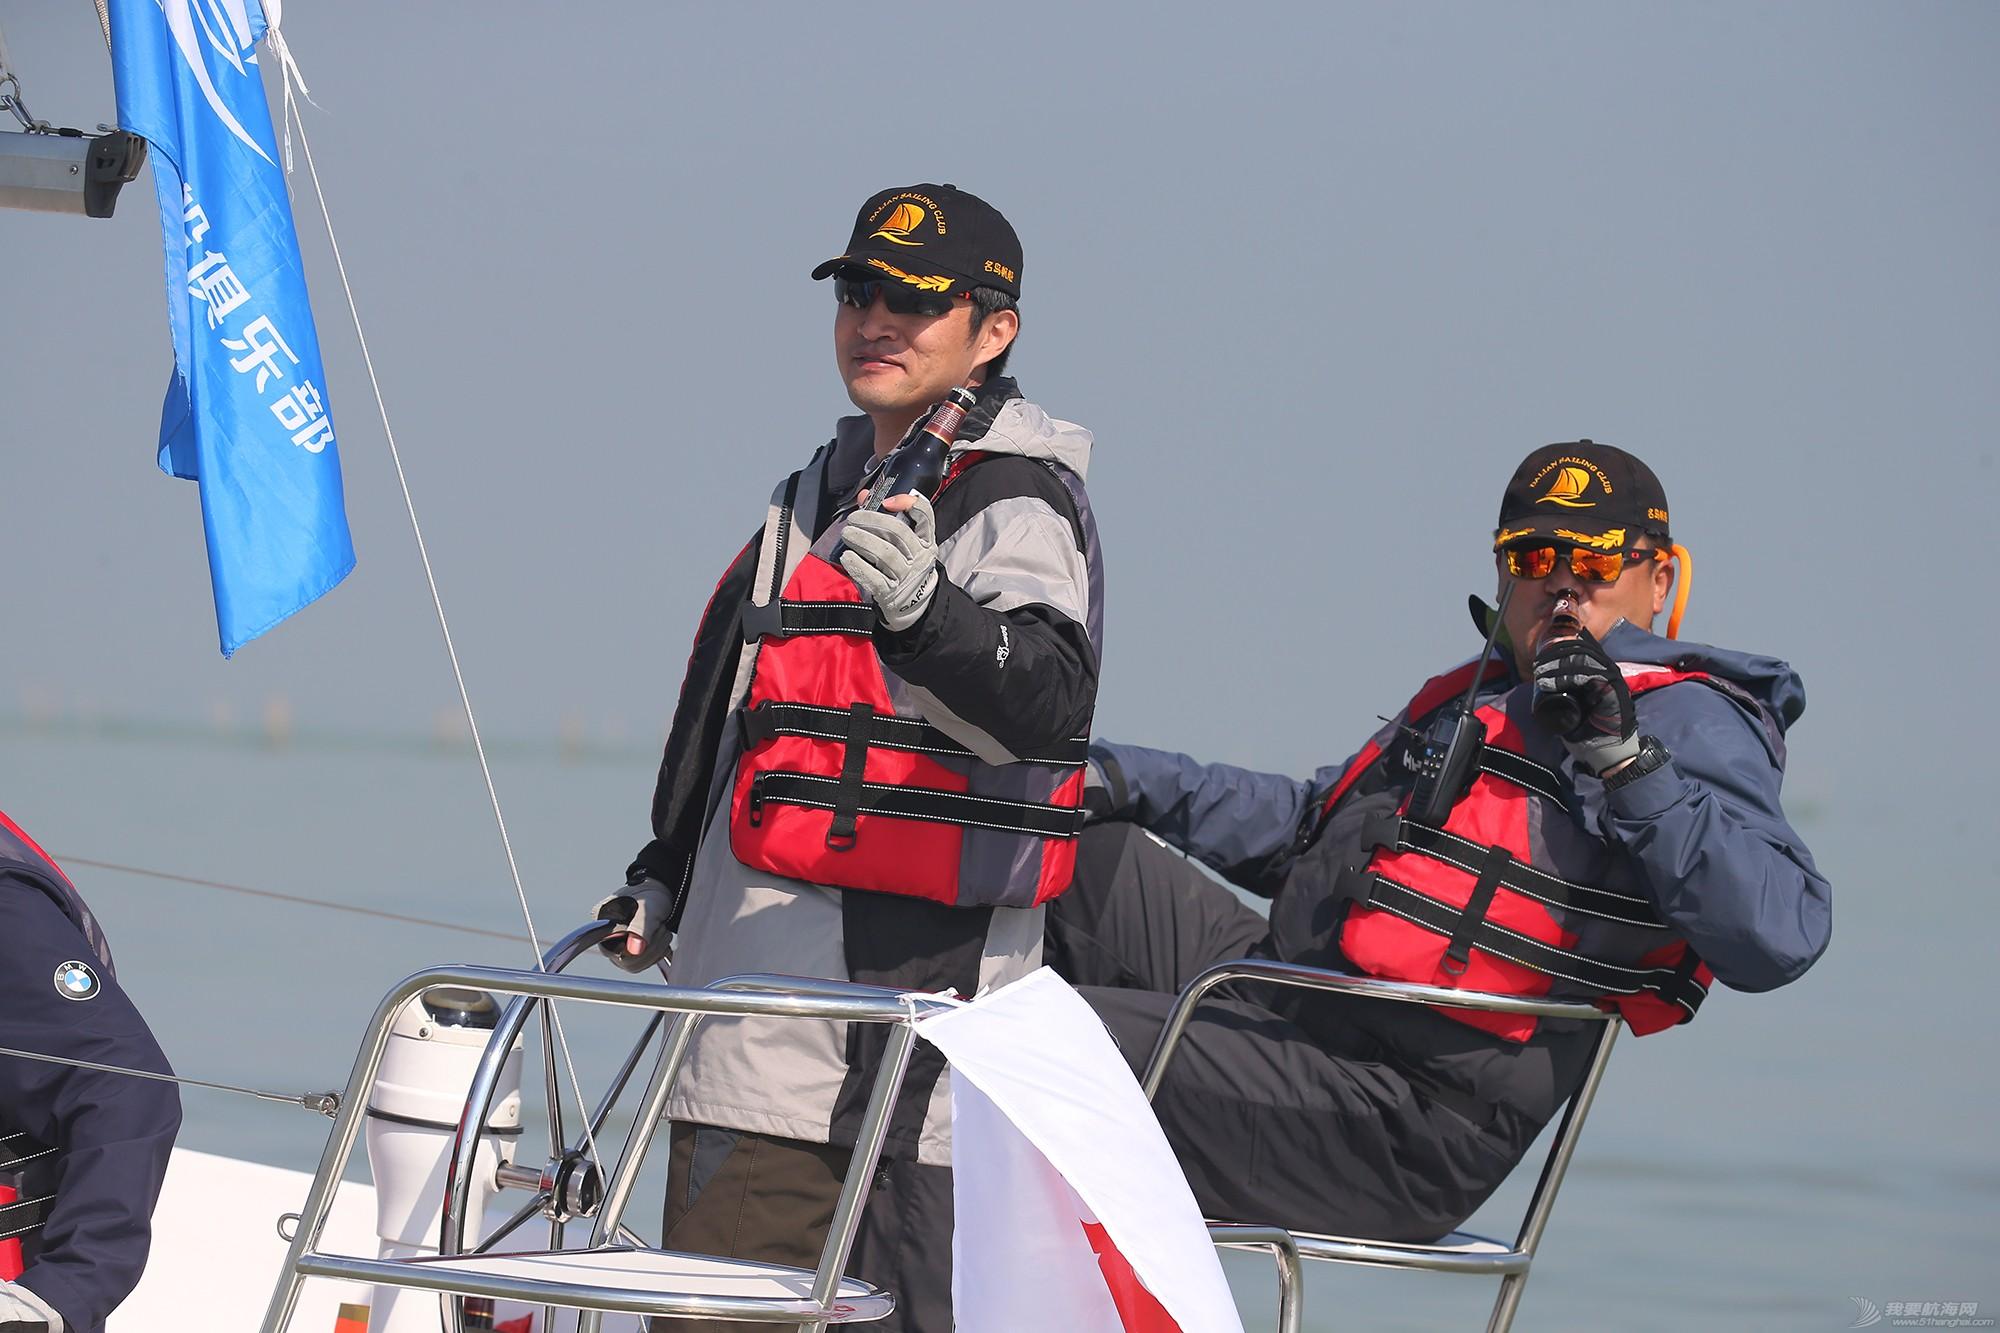 """拉力赛,帆船,太湖 2016""""菱湖湾杯""""环太湖帆船拉力赛参赛船队、船员风采 E78W1094.JPG"""